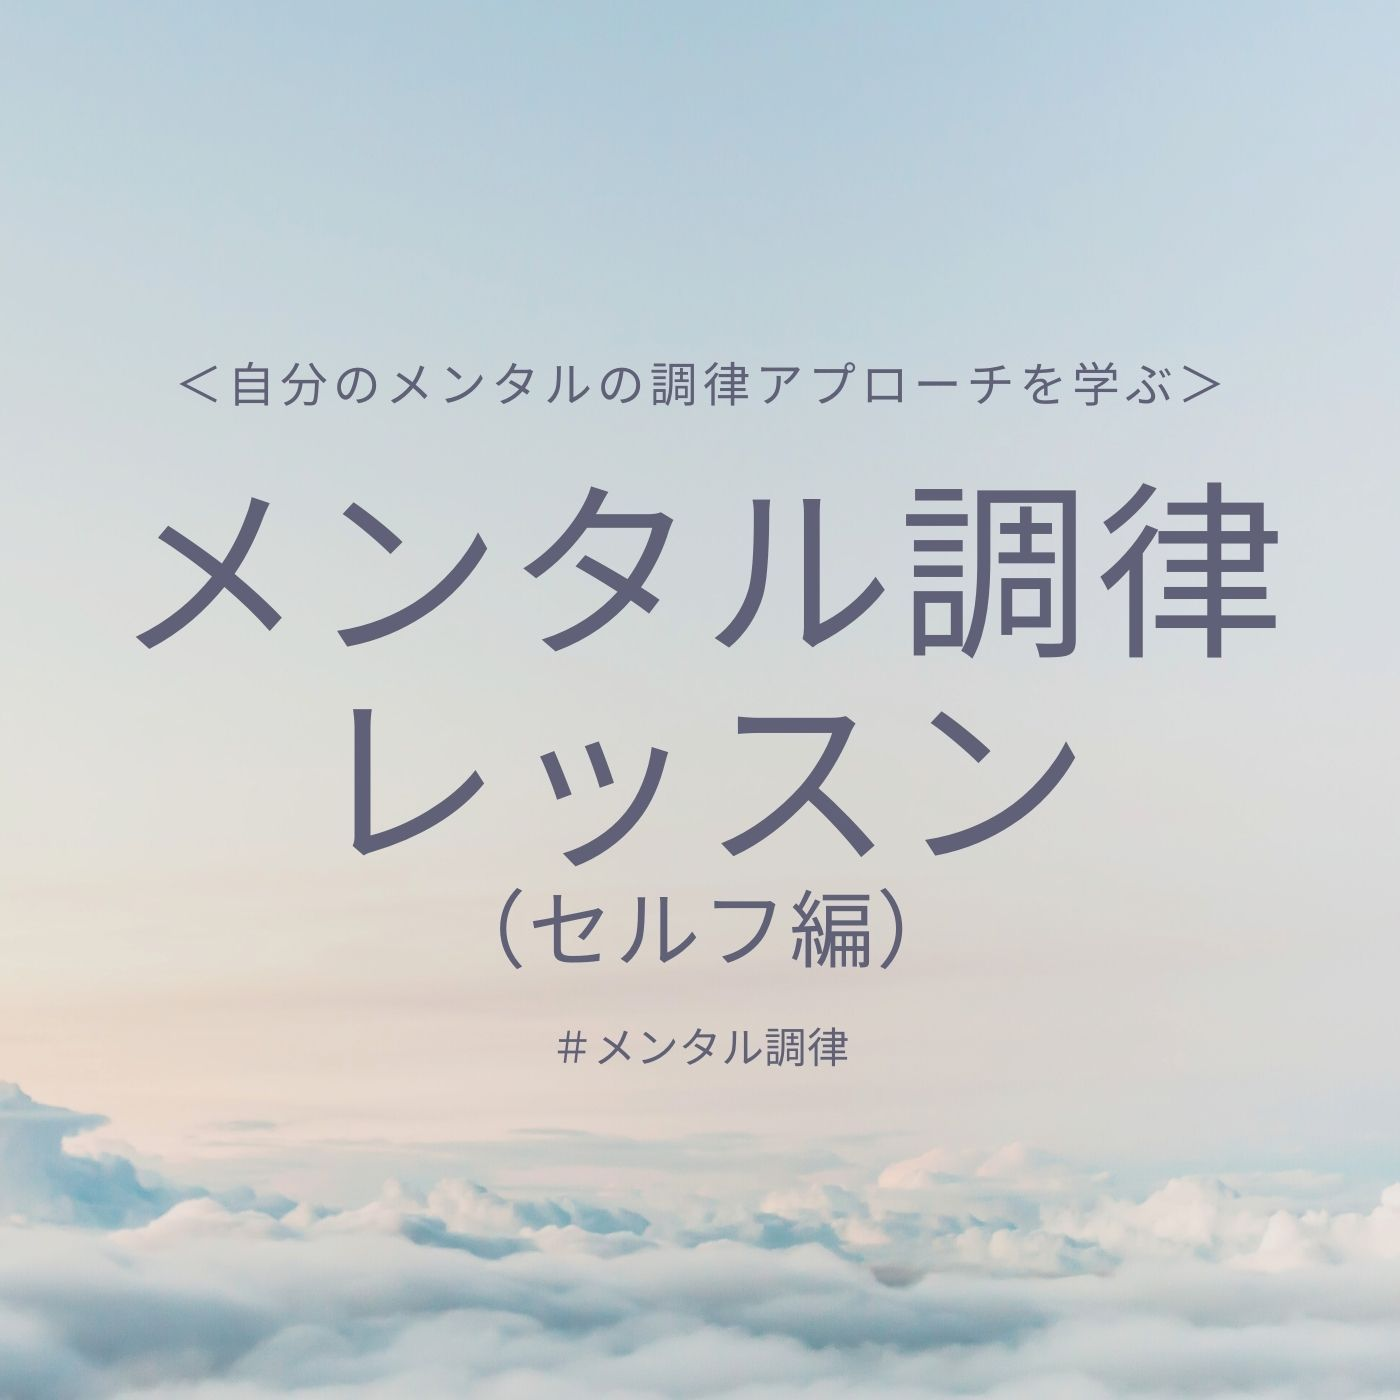 メンタル調律パーソナルレッスン①(セルフメンタル調律編 60分)